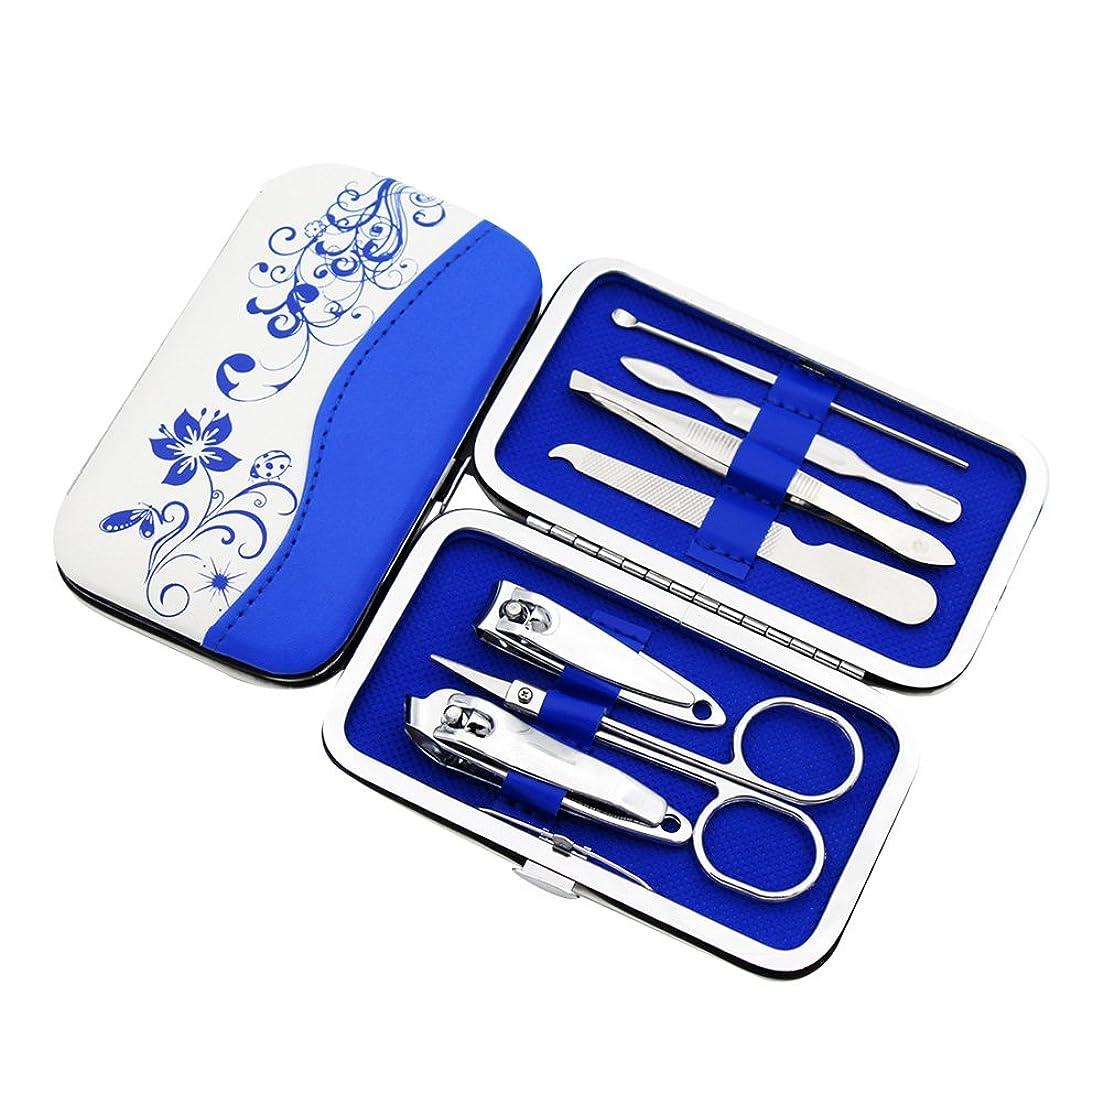 損失慎重に病爪切りセット ネイルケアセット マニキュアセット 7点セット 爪やすり 爪切り 眉クリップ 携帯便利 収納ケース付き ステンレス製